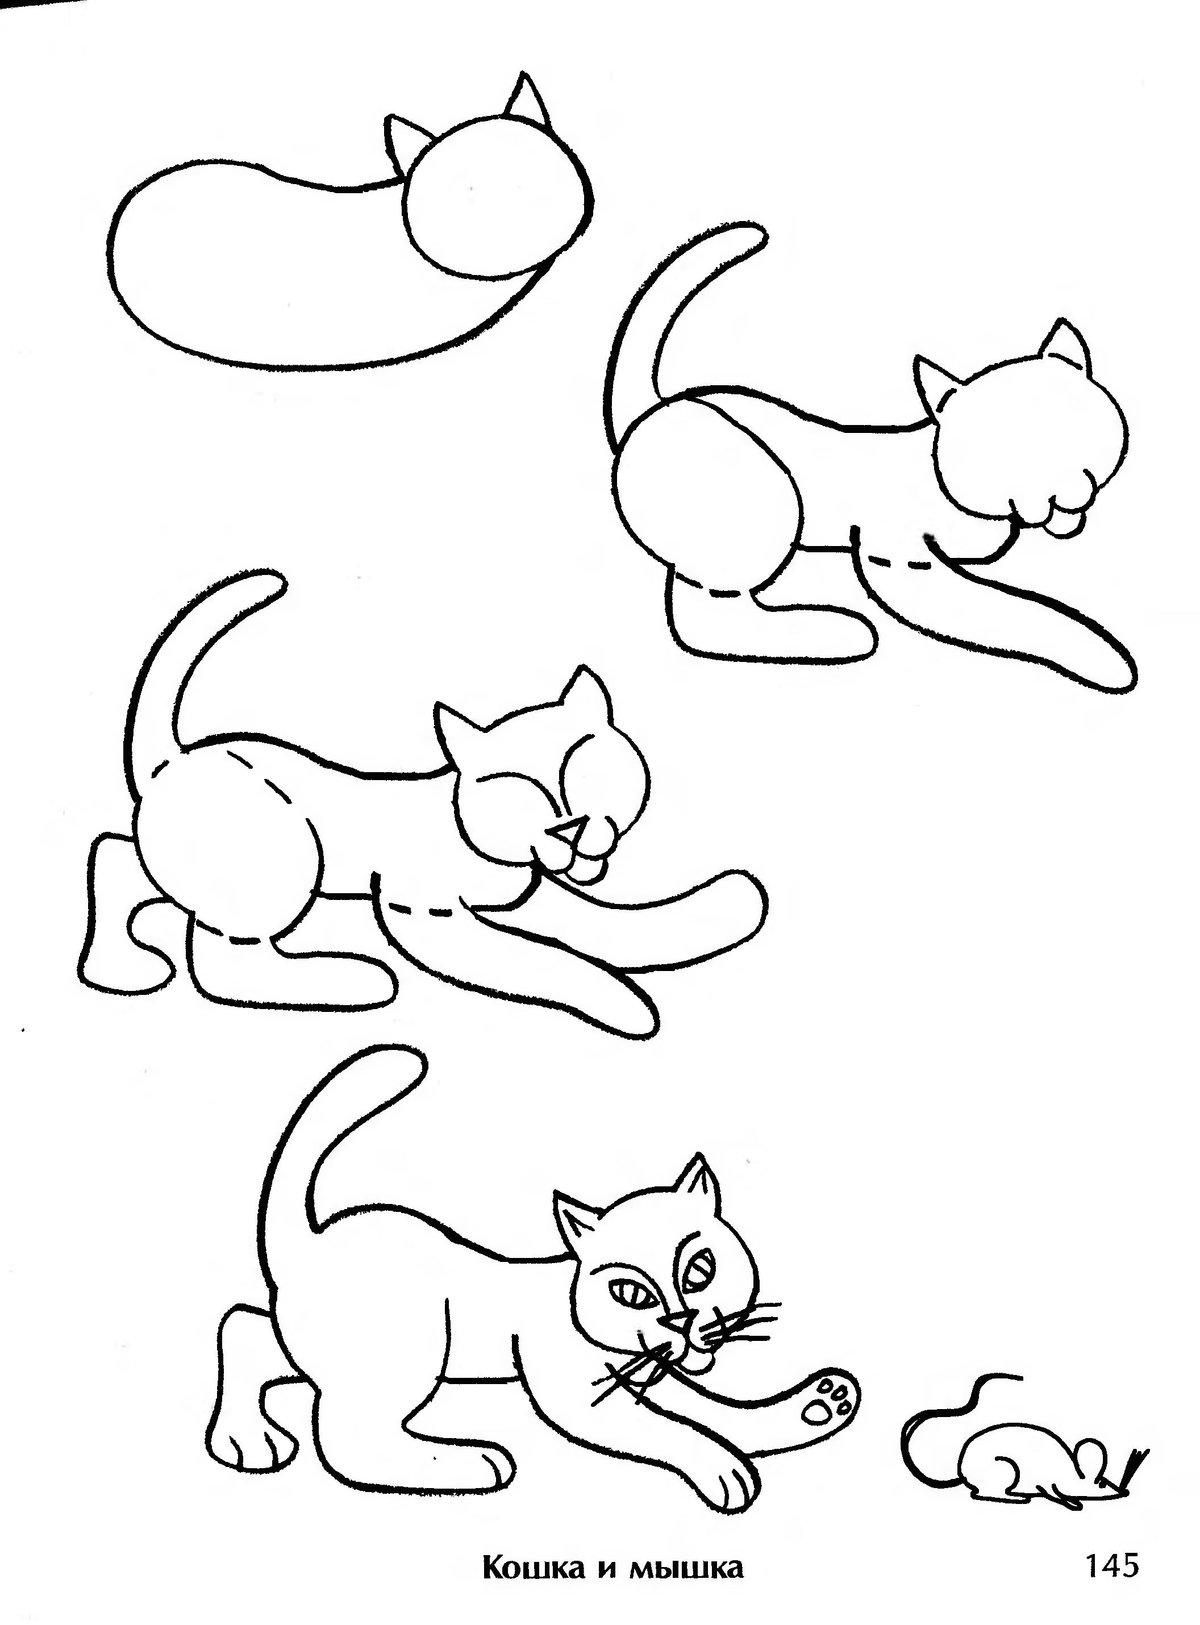 Кошки рисунки для детей карандашом, настроения